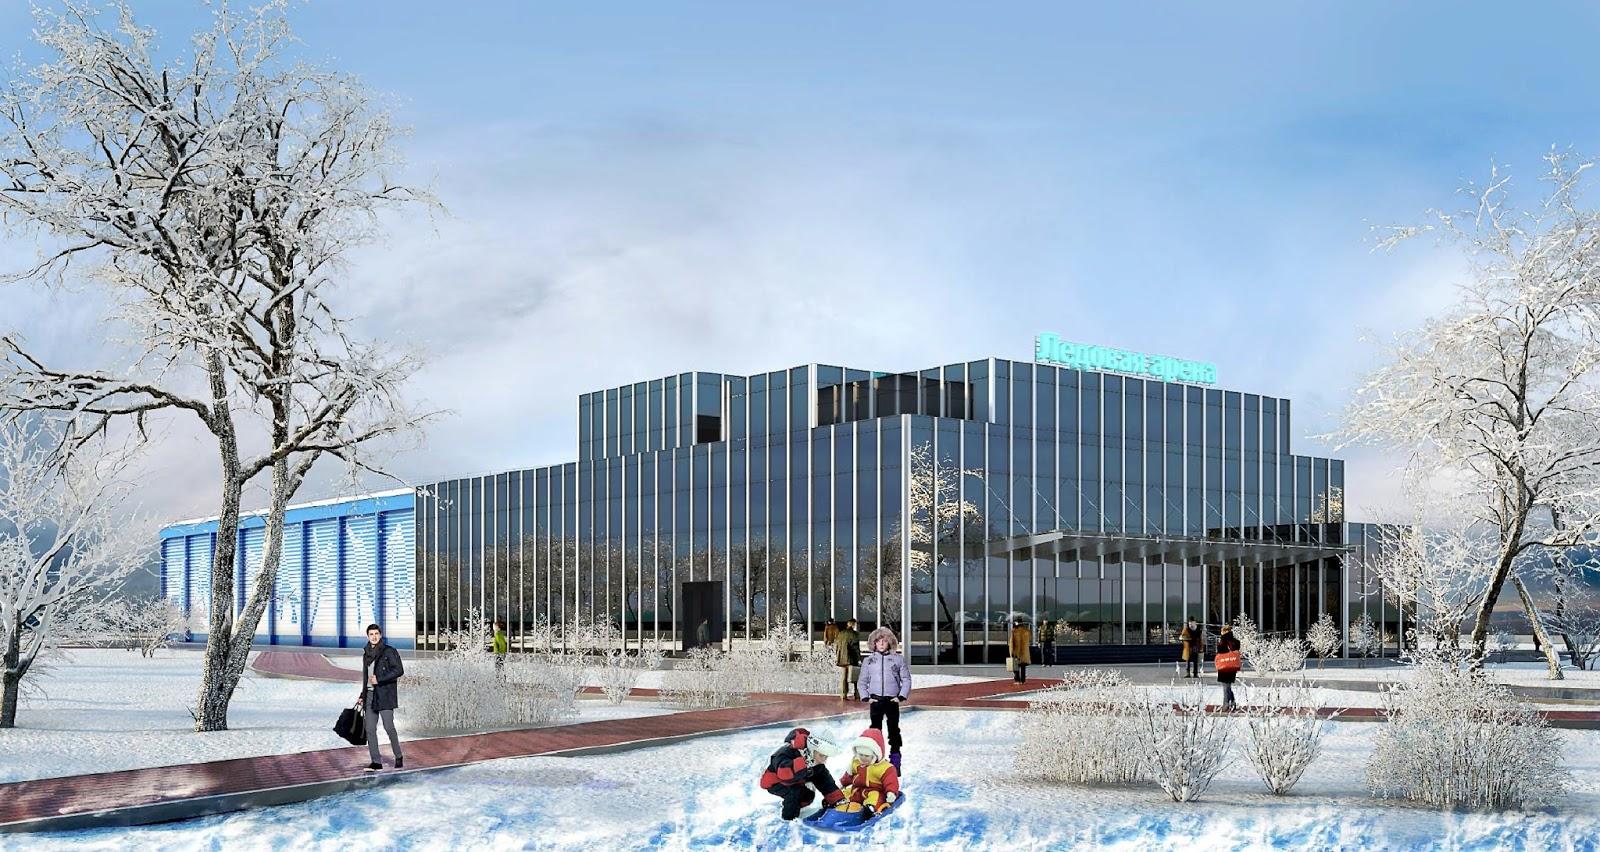 Подписан контракт на строительство Ледового дворца в Сергиевом Посаде